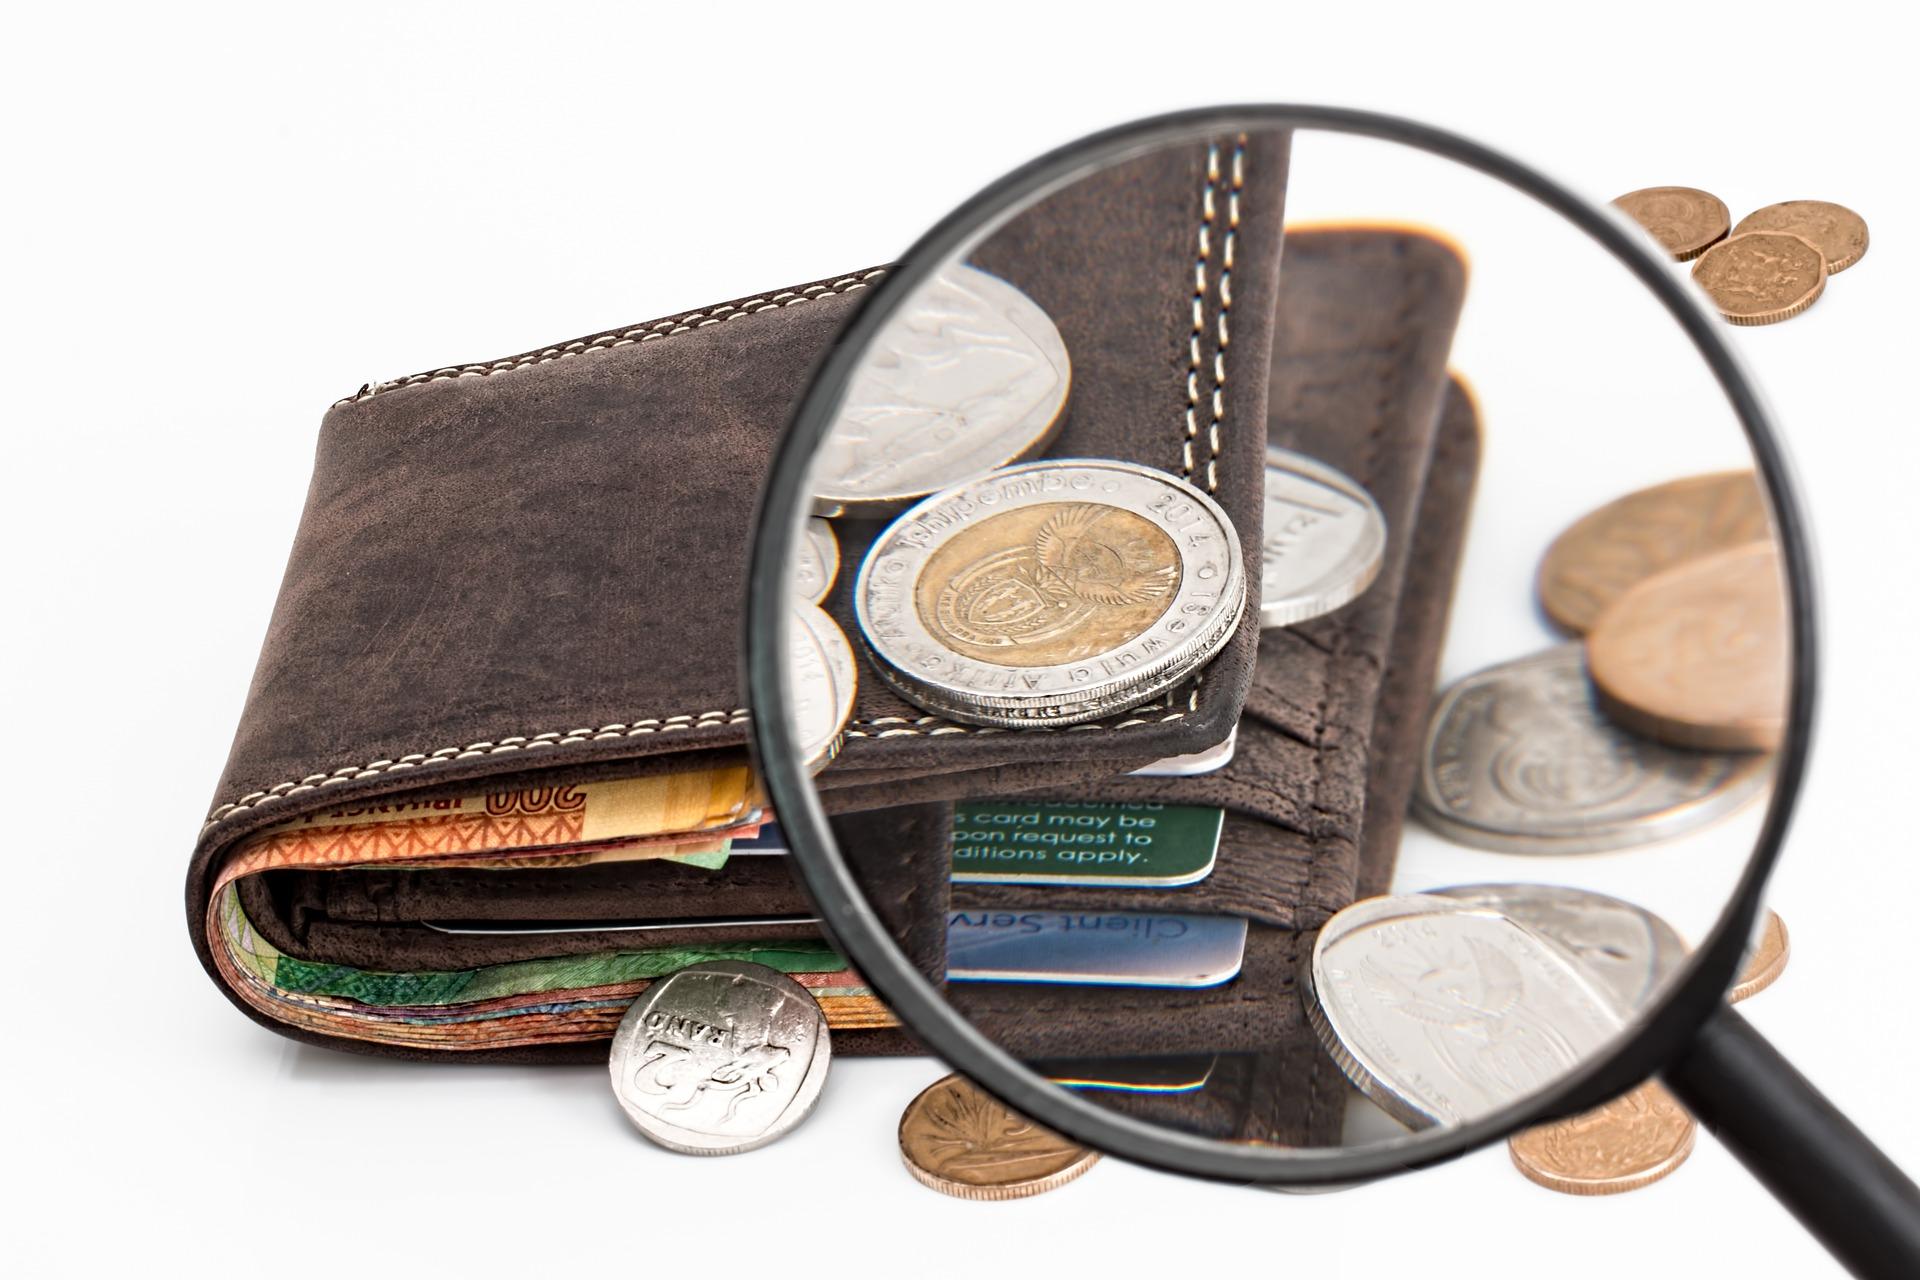 Je suis hors budget, quelles sont les alternatives ?